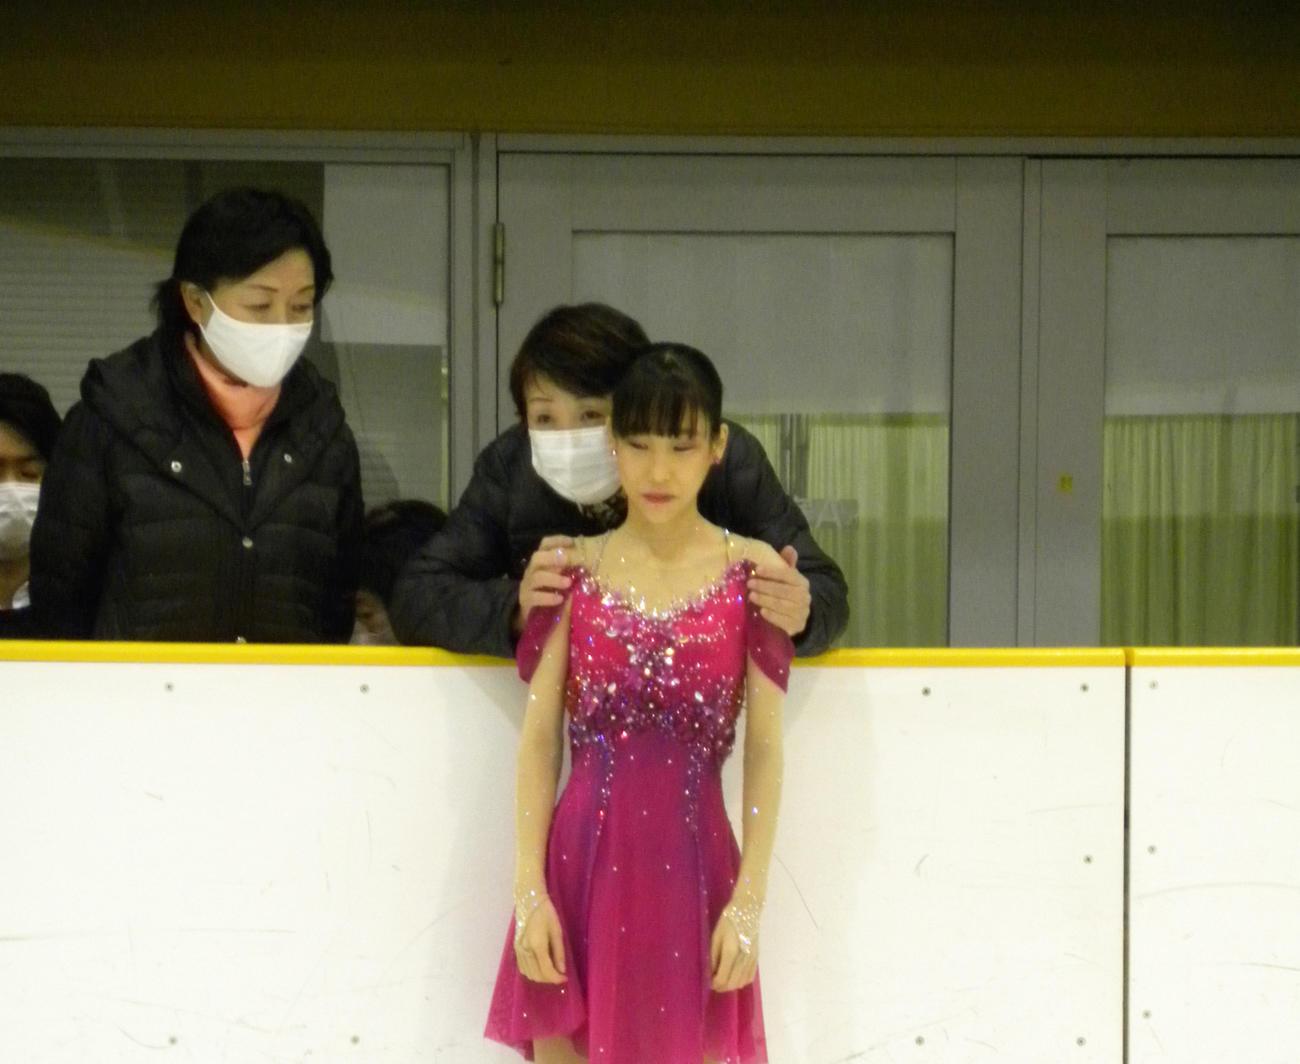 全兵庫選手権女子ショートプログラム前に中野園子コーチから言葉をかけられる三原舞依(撮影・松本航)